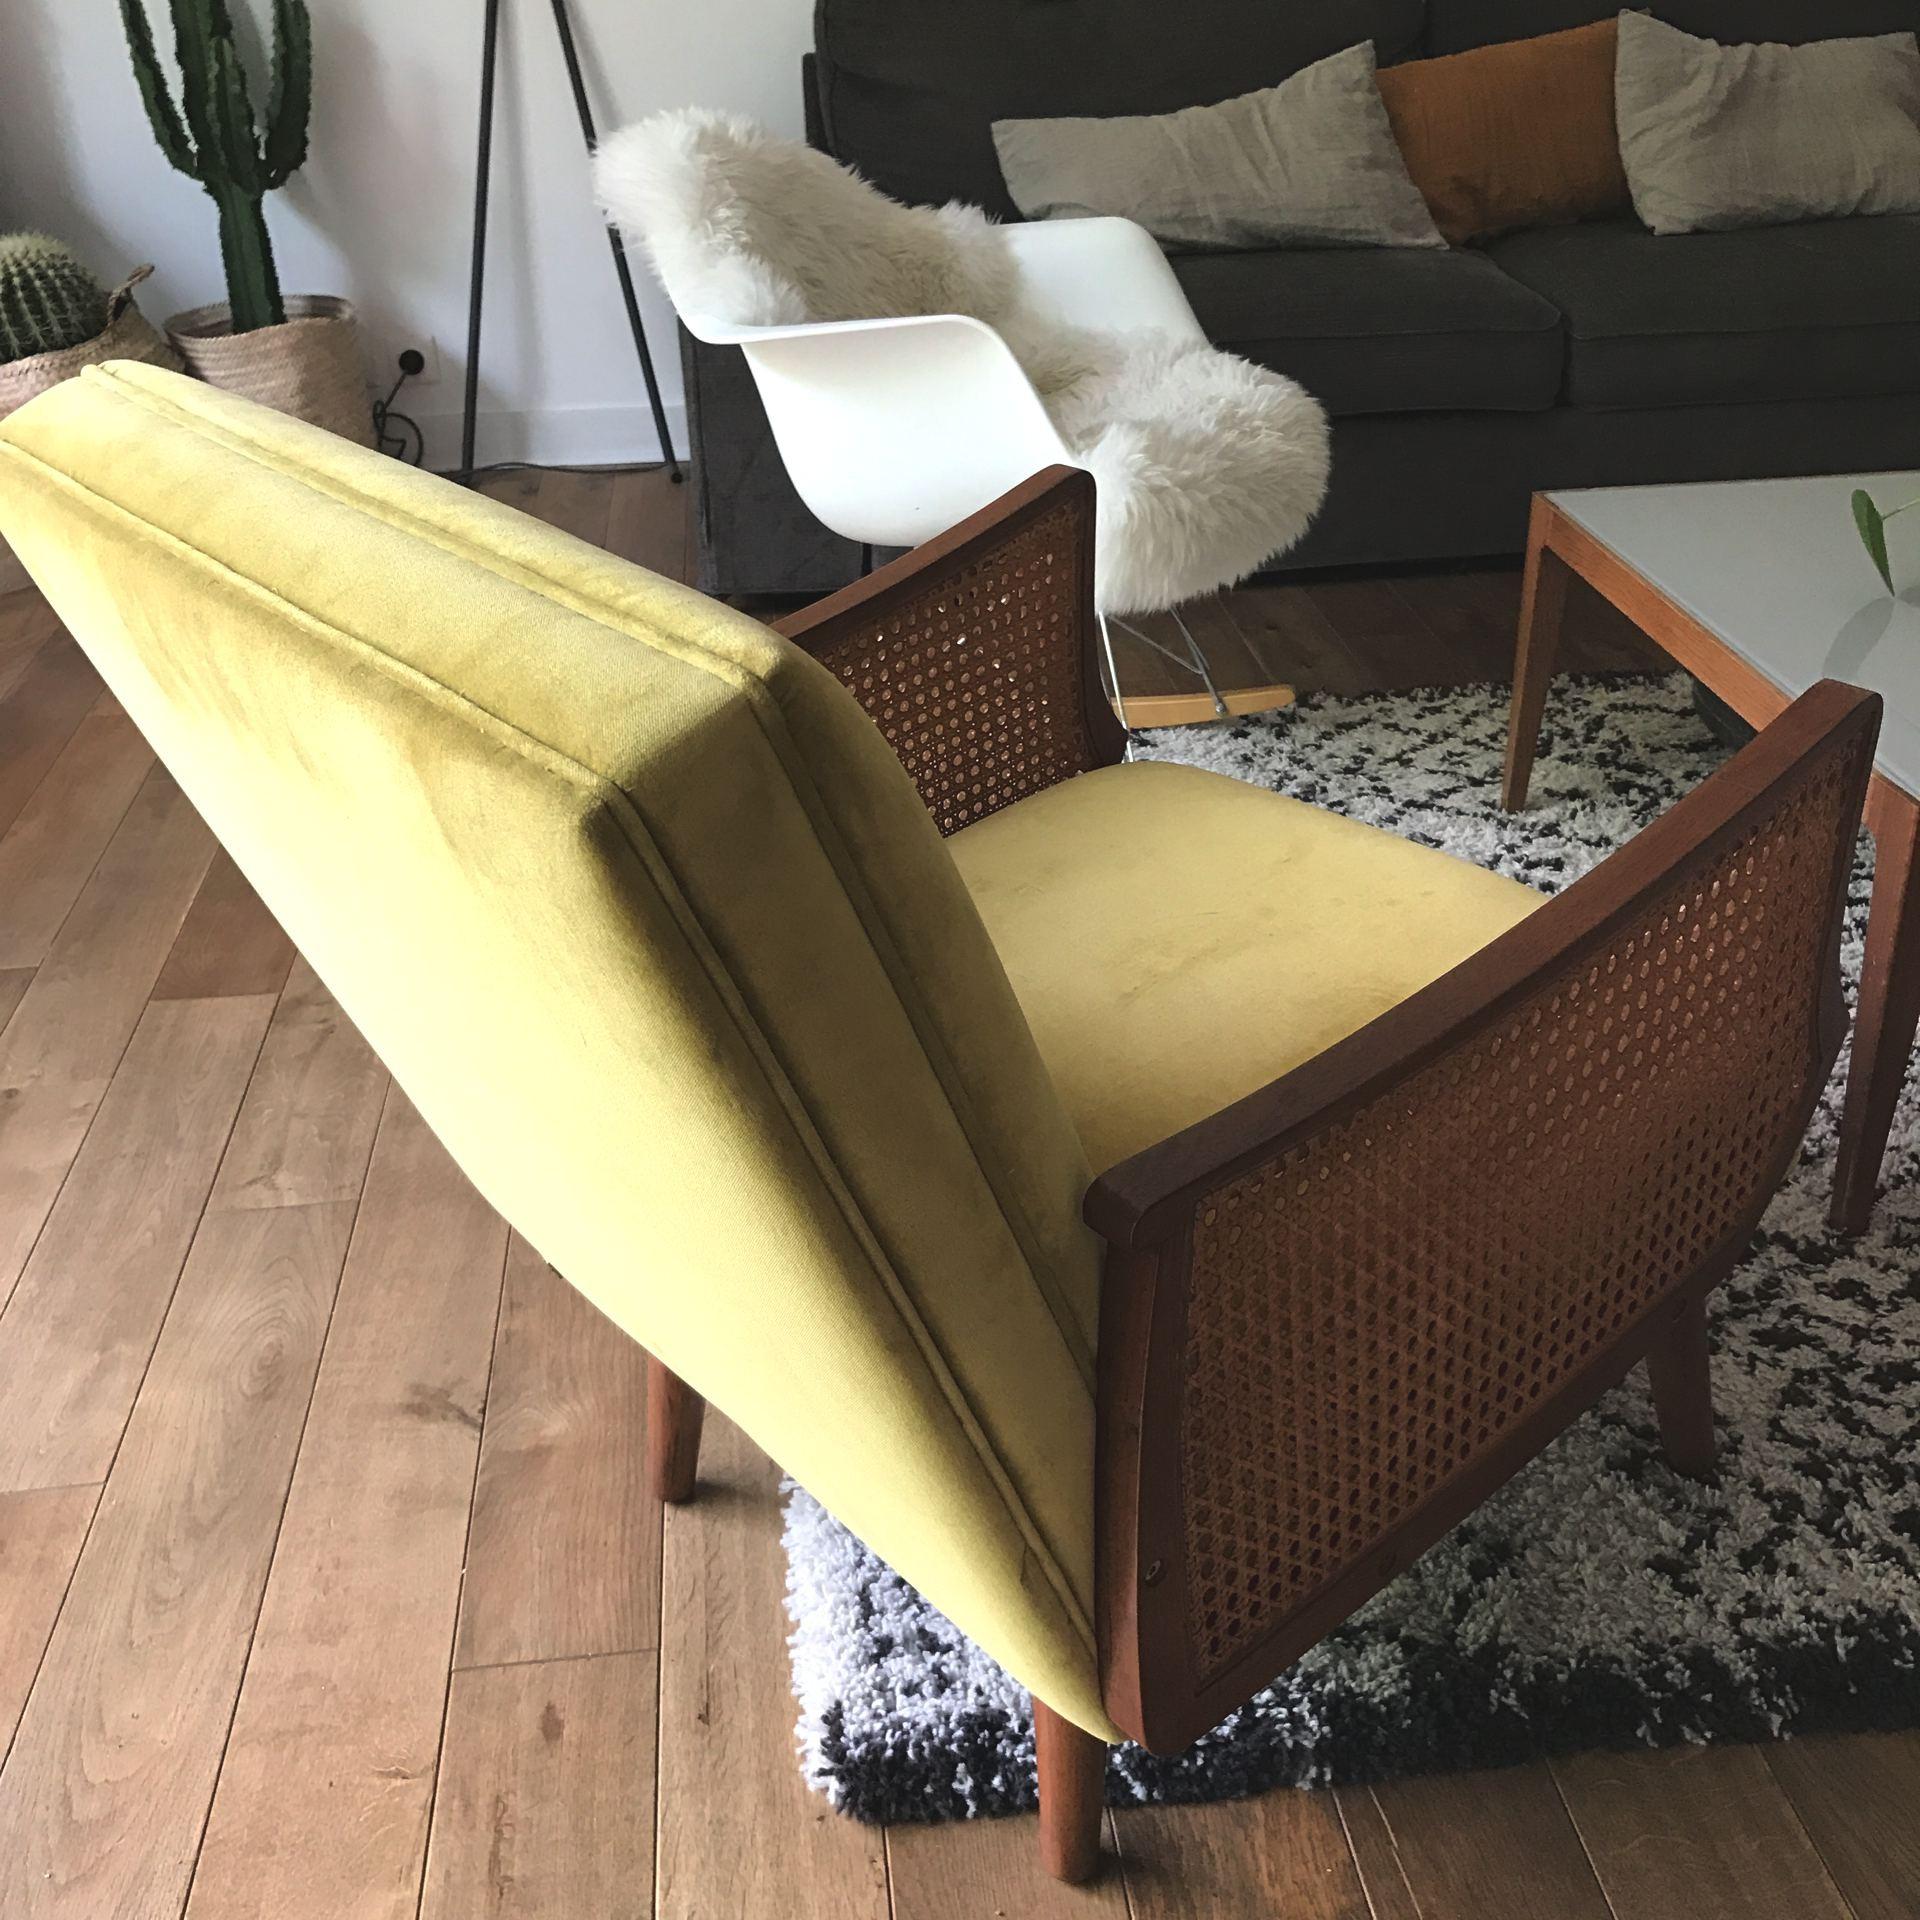 fauteuil-meuble-robin-des-bois-cannage-deco-blog-2